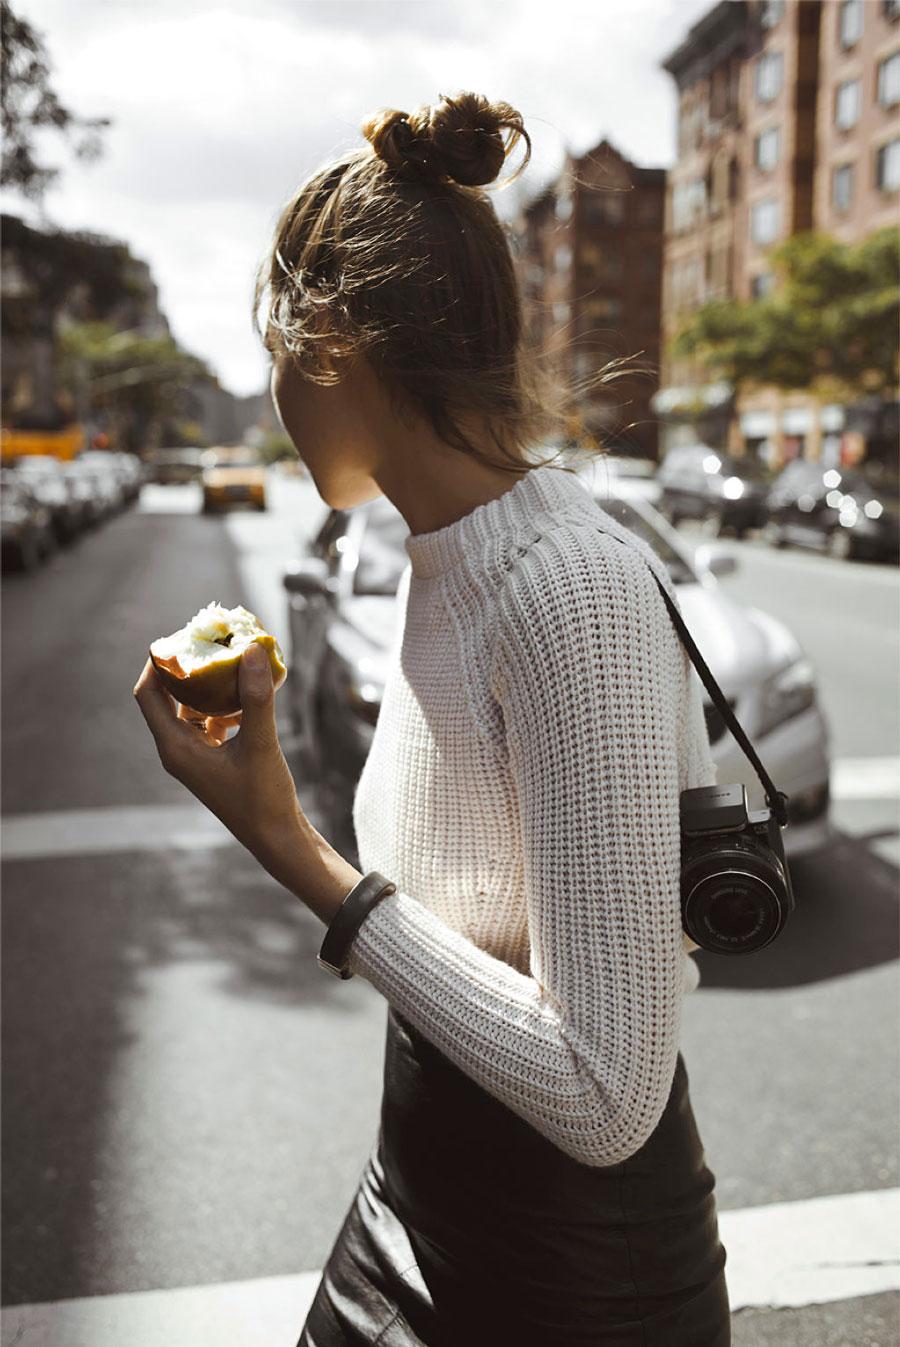 毛衣配皮裙簡直就是秋冬季性感簡潔造型的經典範例,如果不想給人太強勢的感覺,那就紮一個丸子頭,性感中還透著些小俏皮。